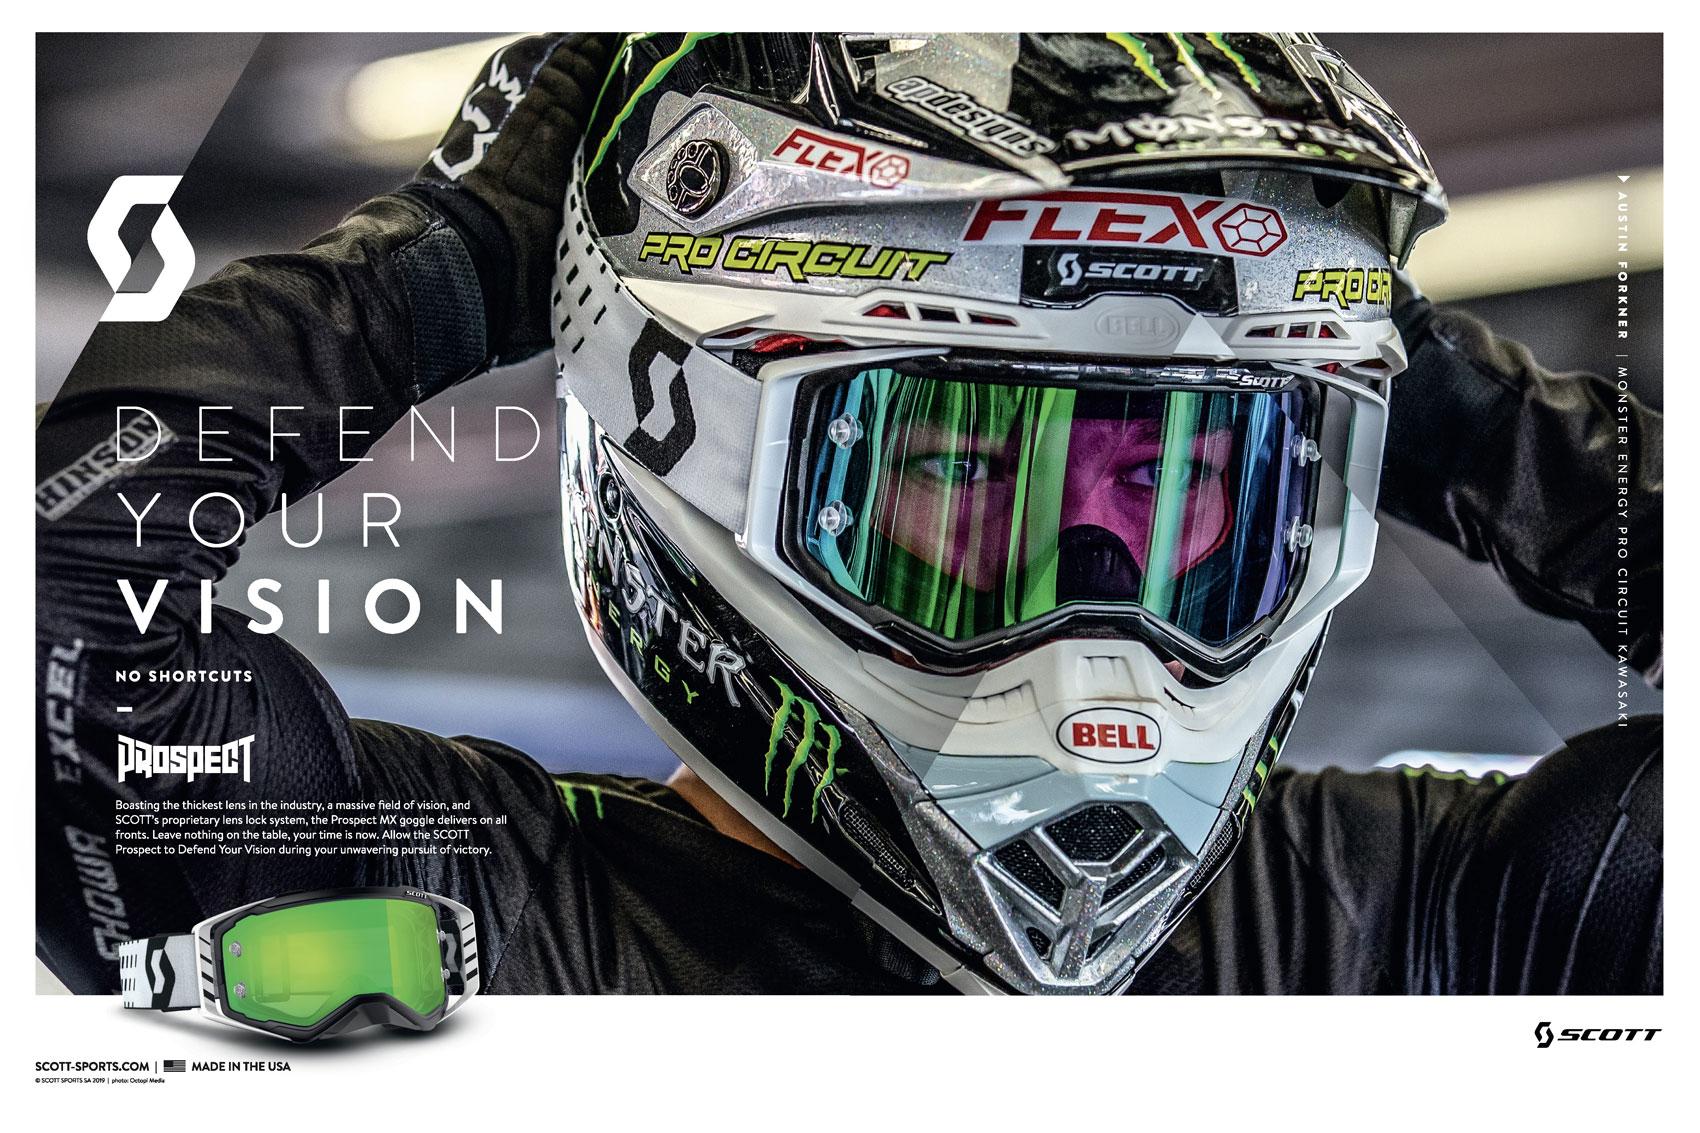 Racer X June 2019 - Scott Sports Advertisement